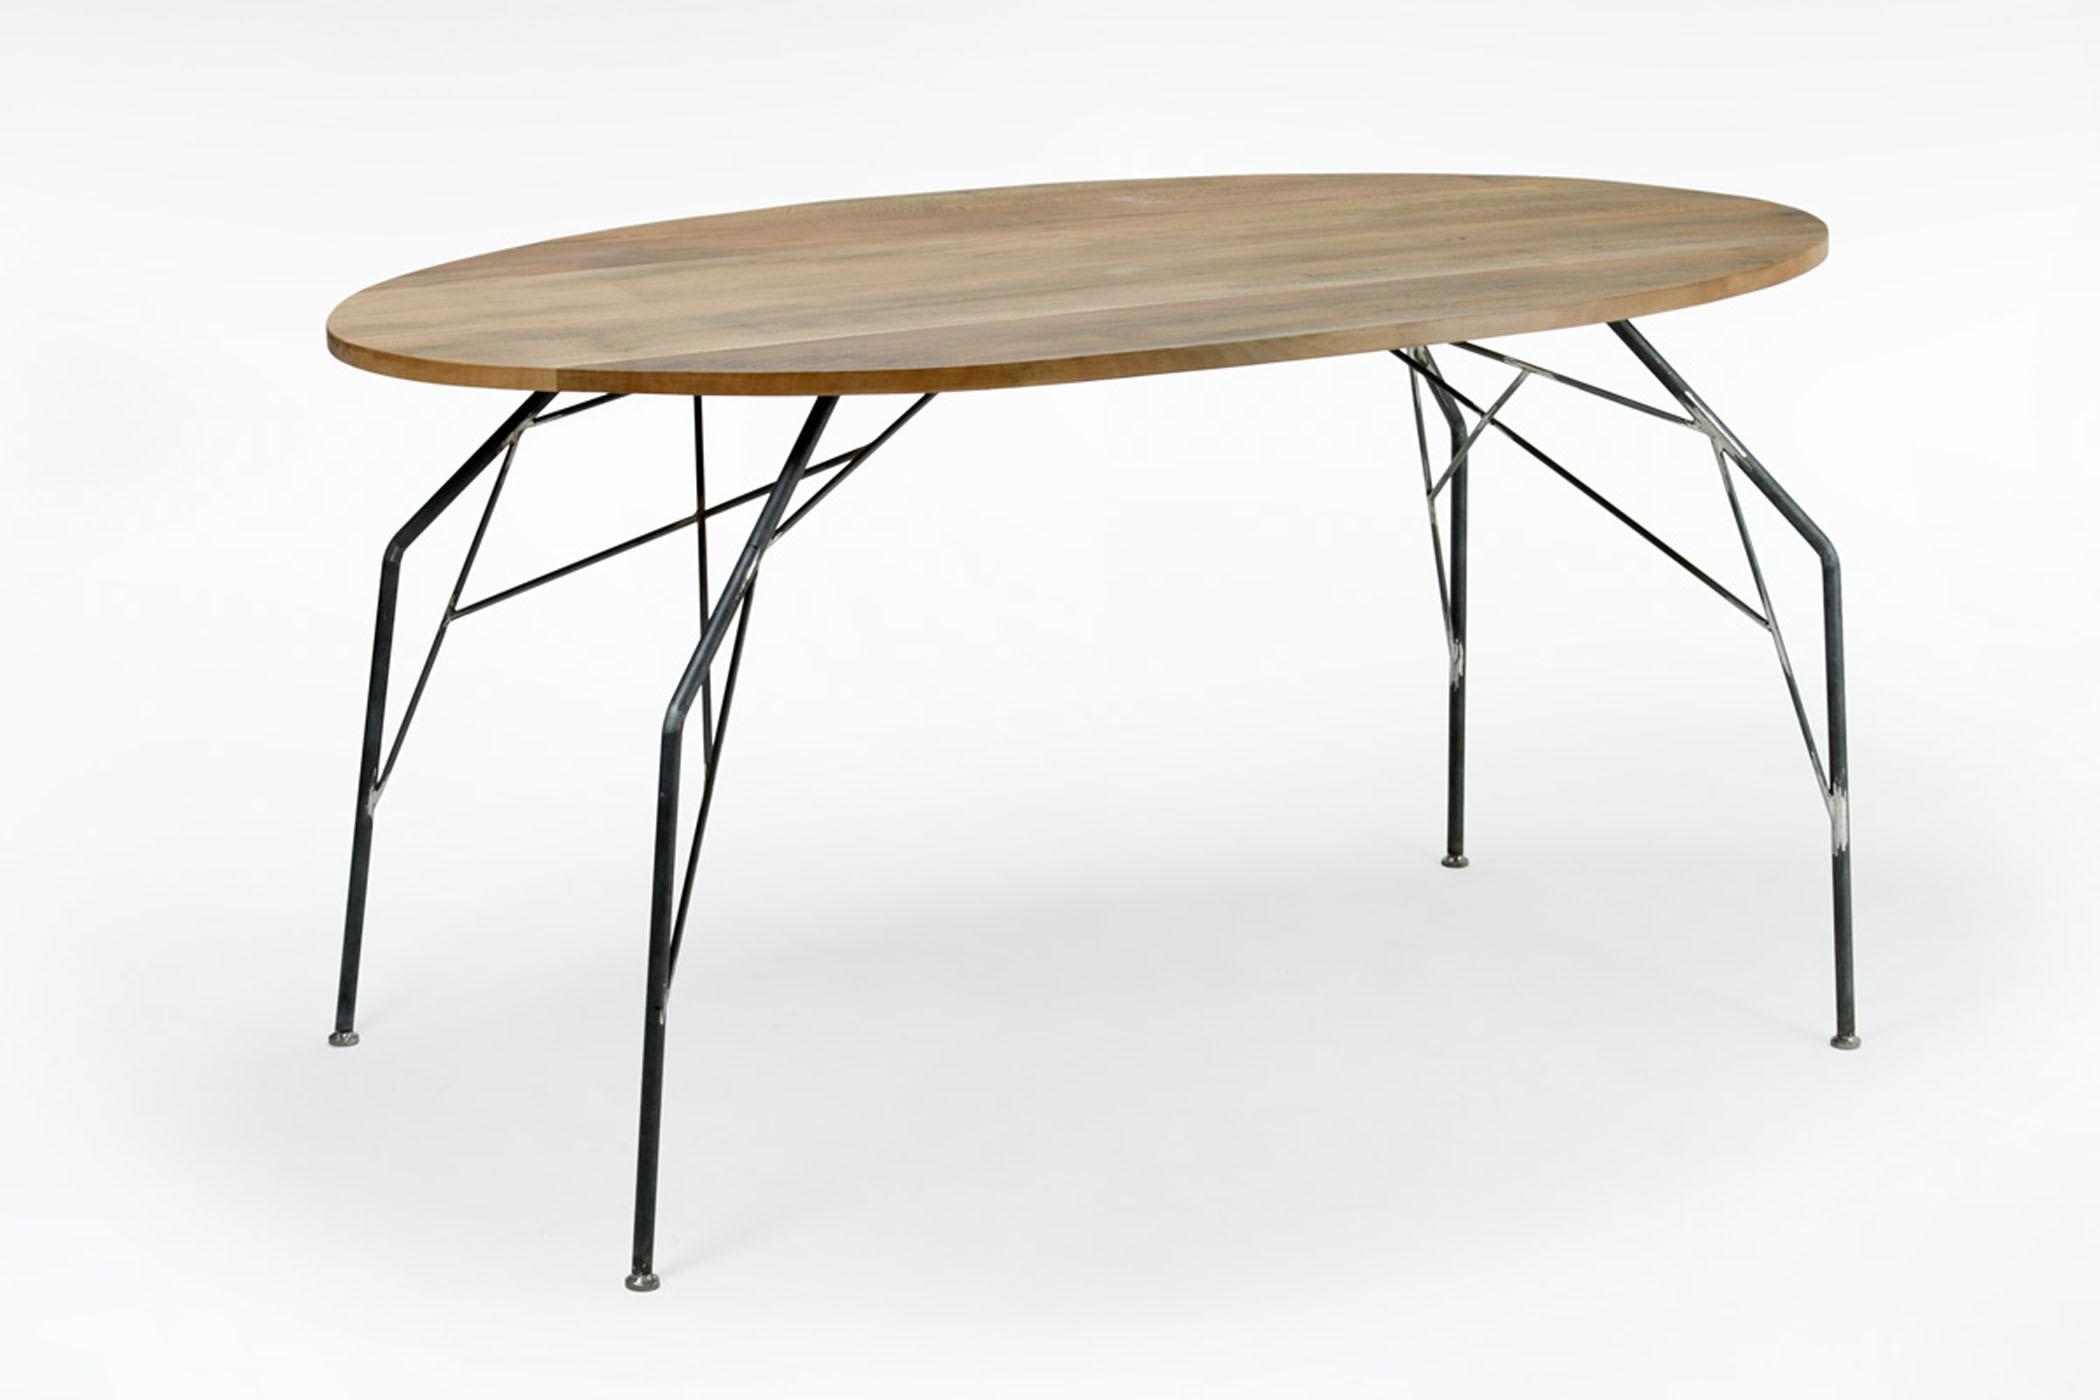 Tavolo per soggiorno con piano in legno massello e struttura e gambe in ferro. Tavoli legno e ferro.